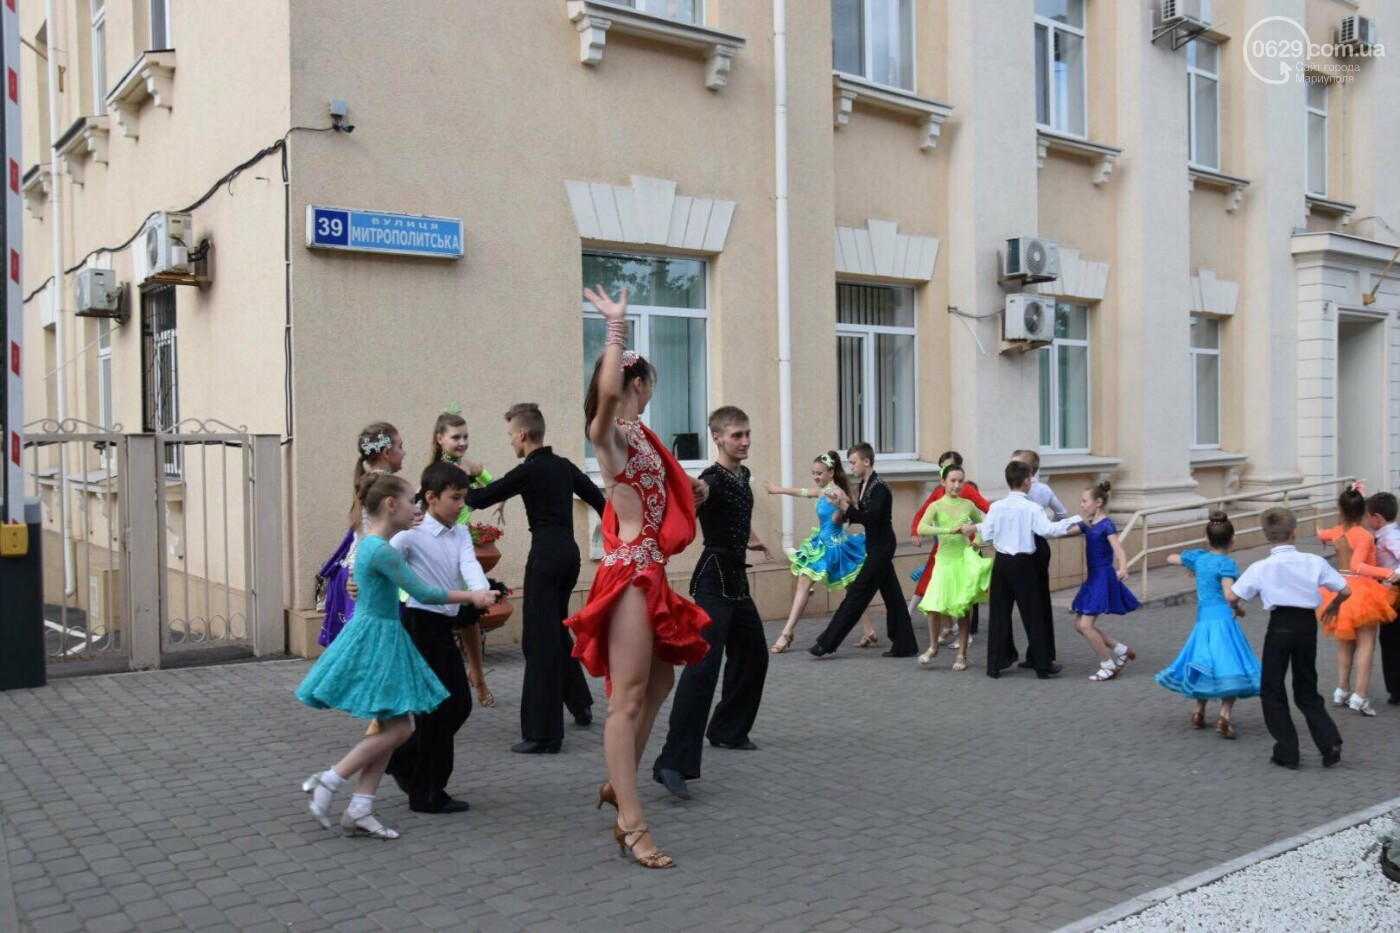 """Спасение """"Зироньки"""": в  Мариуполе дети устроили танцевальный флешмоб под зданием мэрии, - ФОТО, фото-7"""